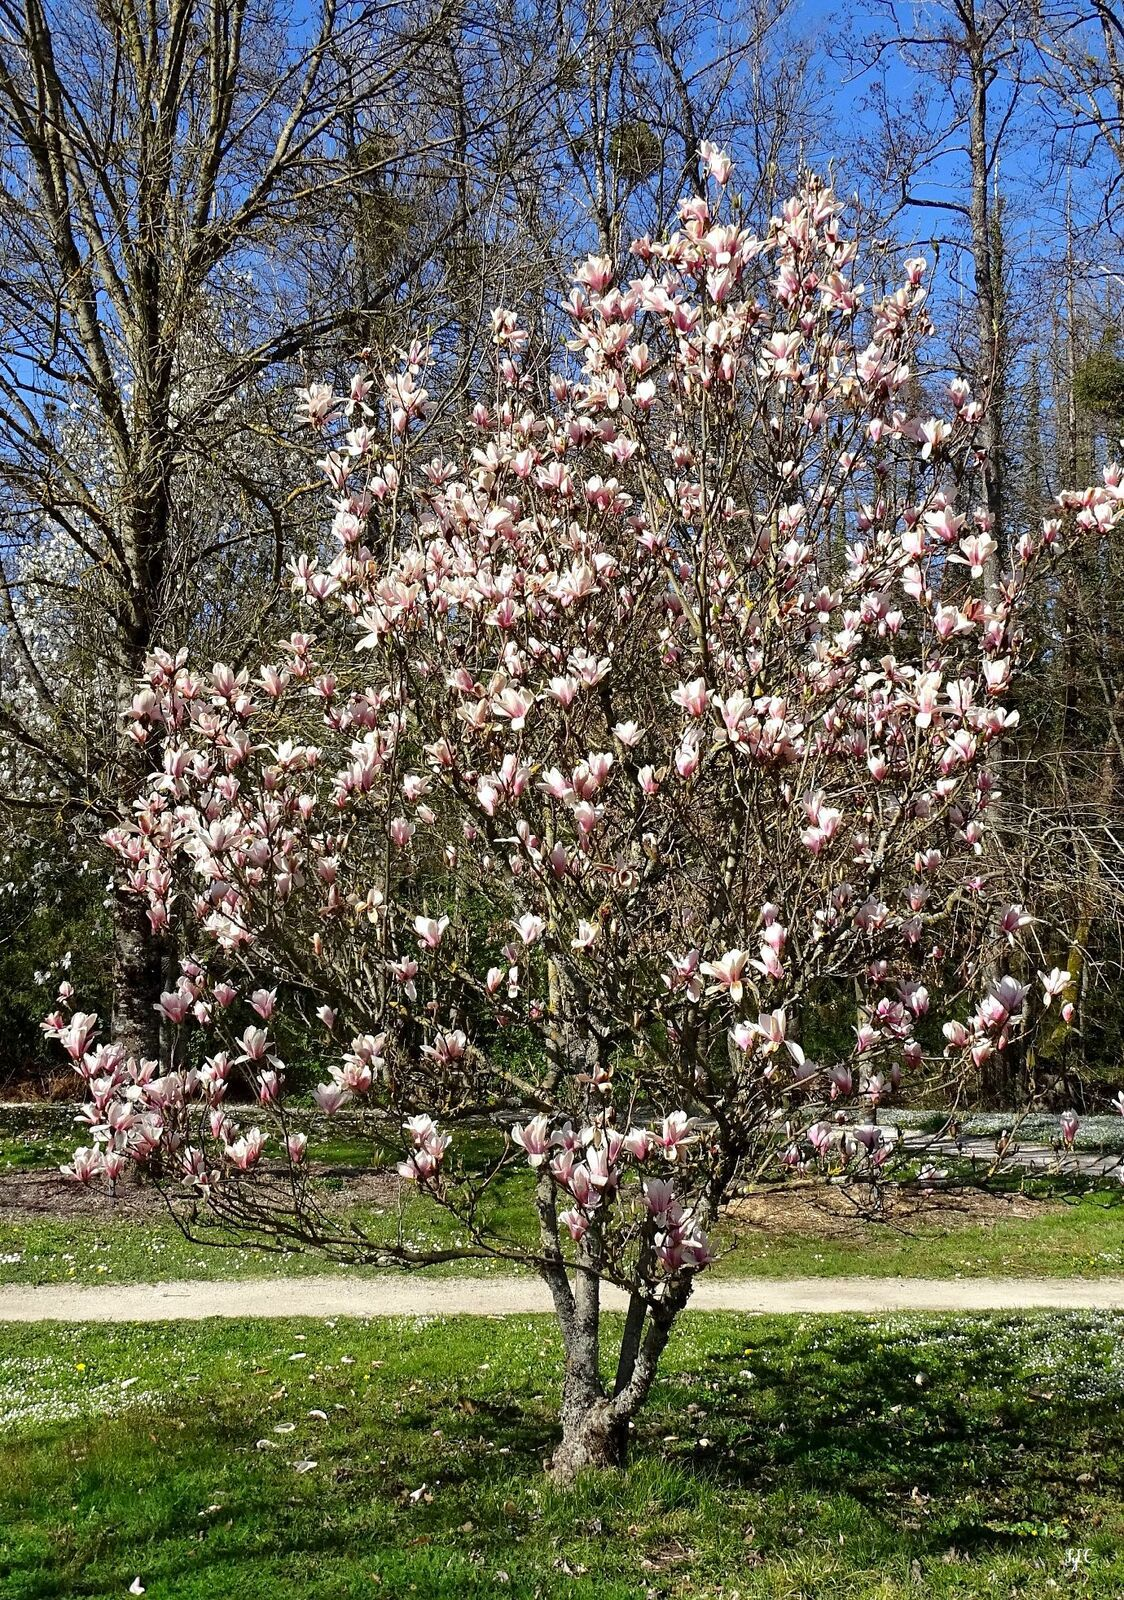 Arbres fleuris - 5 photos